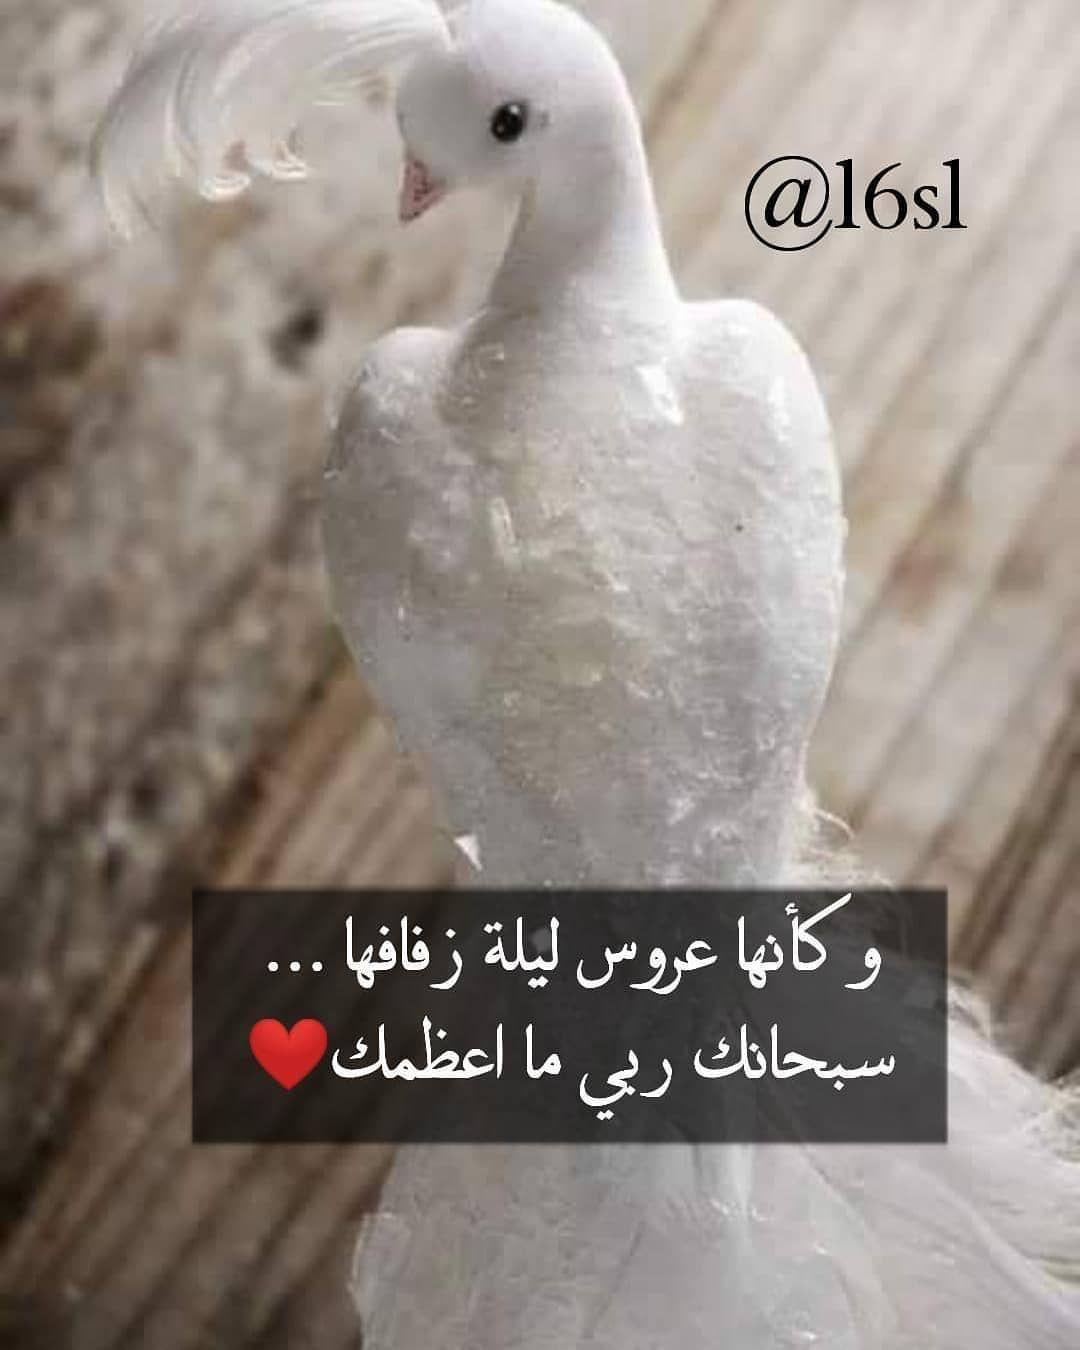 حساب جميل يستحق المتابعة Aiqtibasat Adabia Aiqtibasat Adabia Aiqtibasat Adabia Animals Parrot Bird